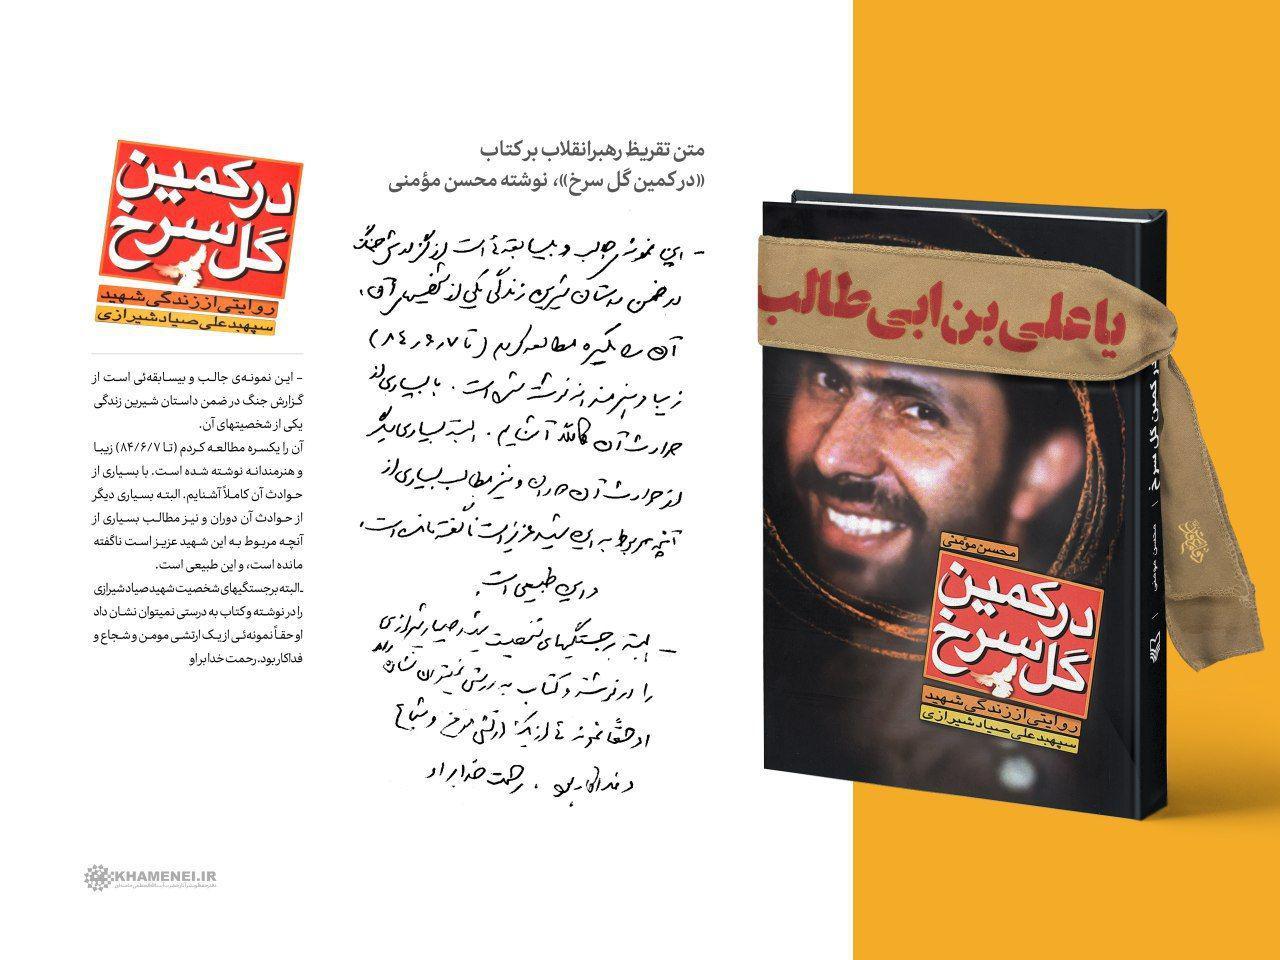 متن تقریظ رهبر انقلاب اسلامی بر کتاب «در کمین گل سرخ»